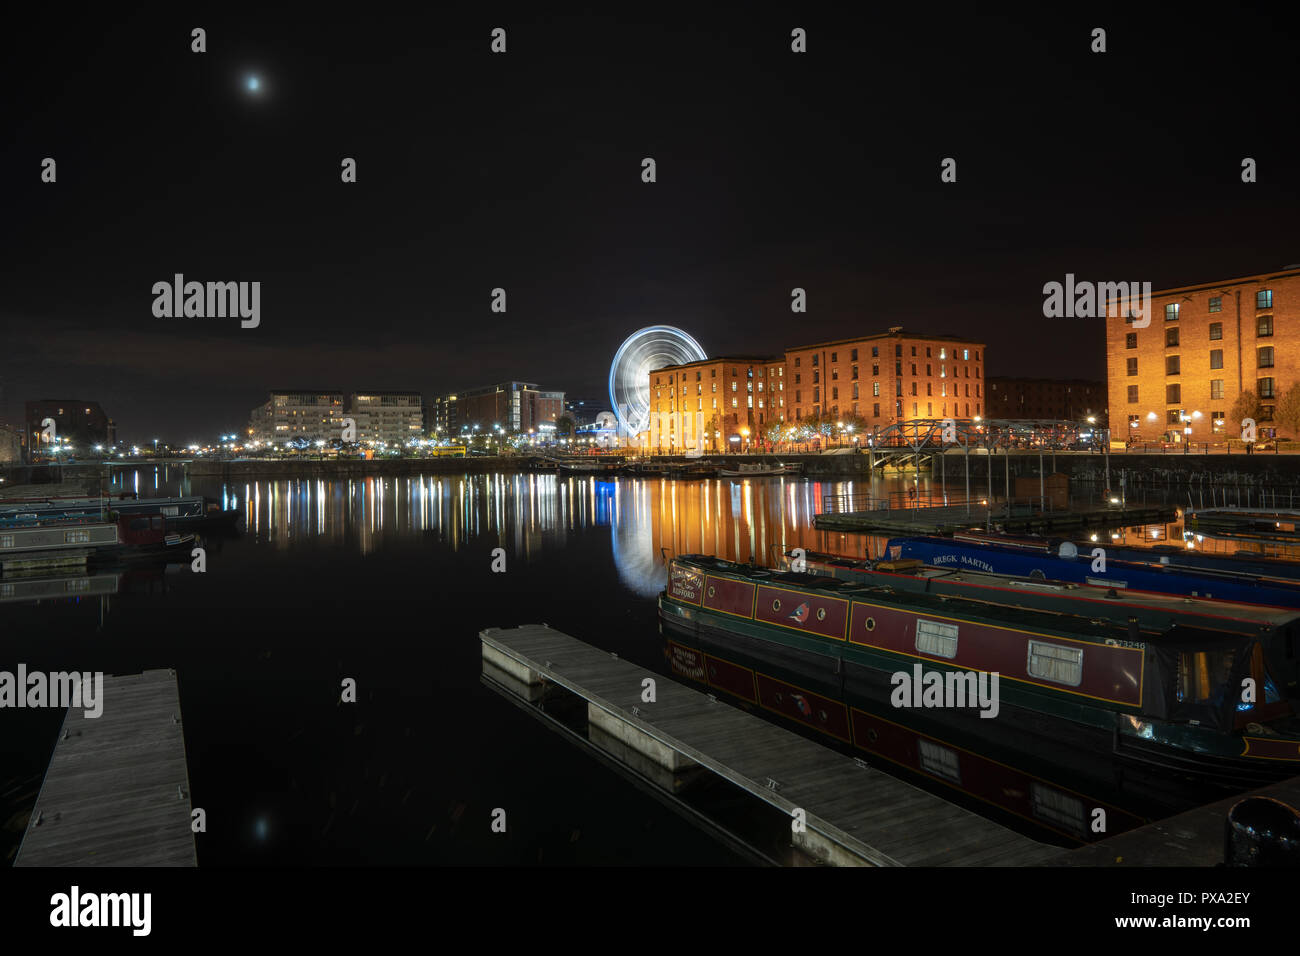 Albert Dock Liverpool - Stock Image